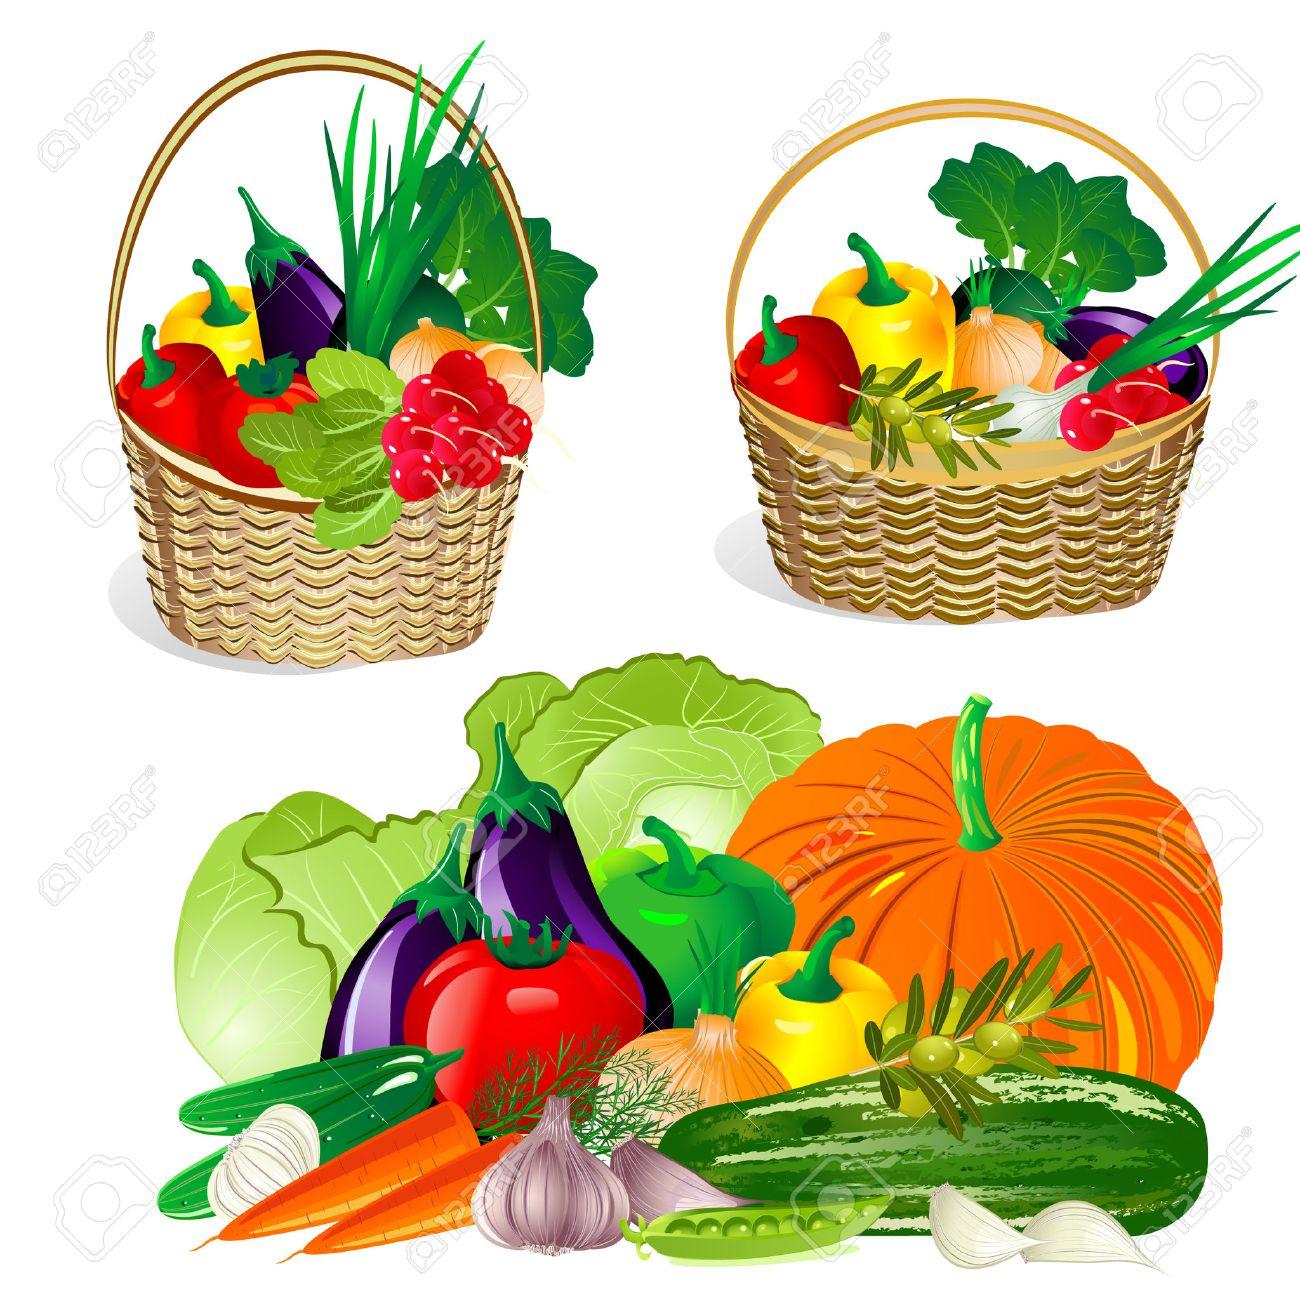 1300x1300 Fruits And Vegetables Basket Outline